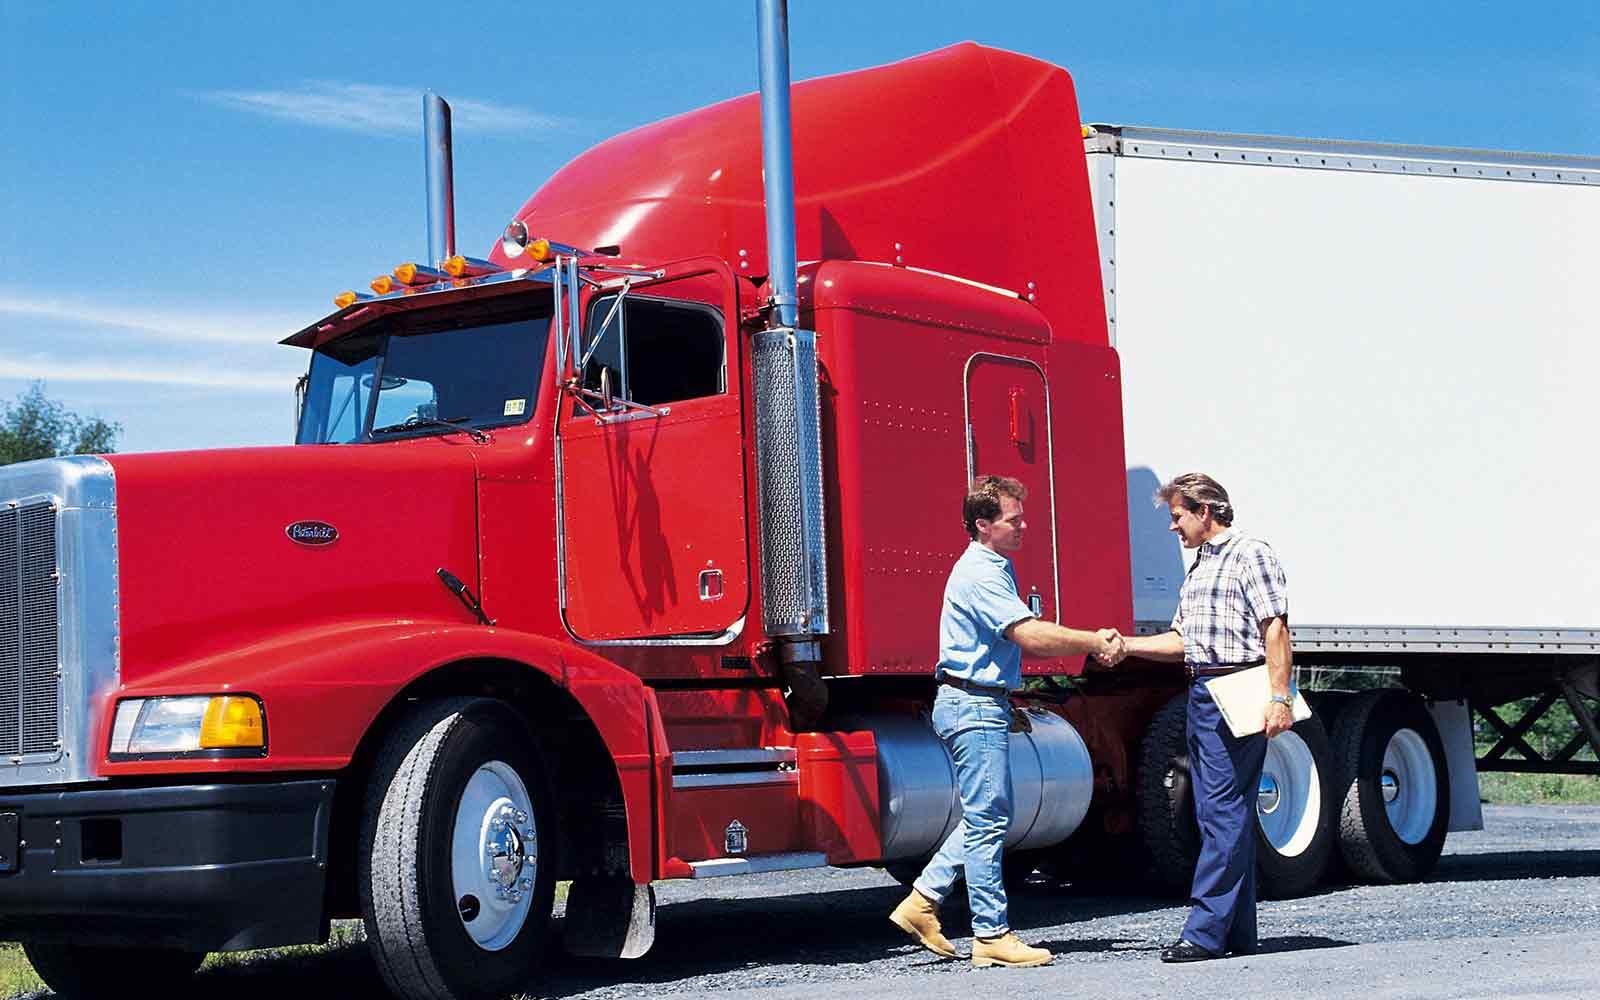 online sales tools for equipment vendors help drive profits